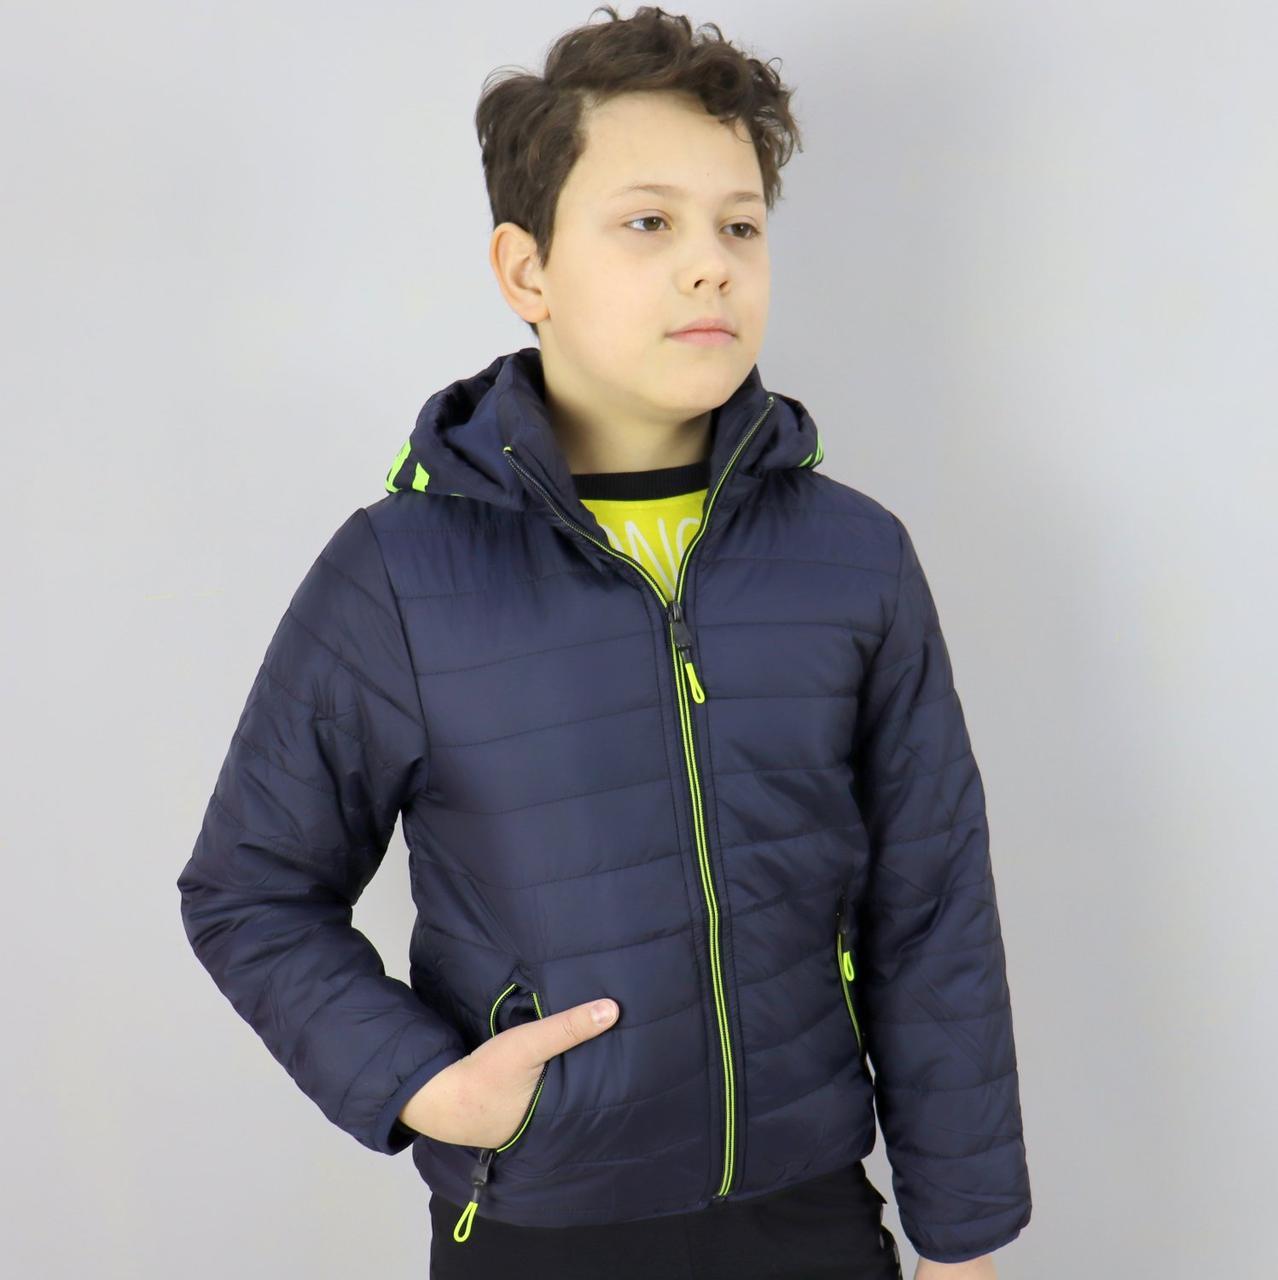 1878син Демісезонна куртка дитяча для хлопчика синя тм SEAGULL розмір 10 років